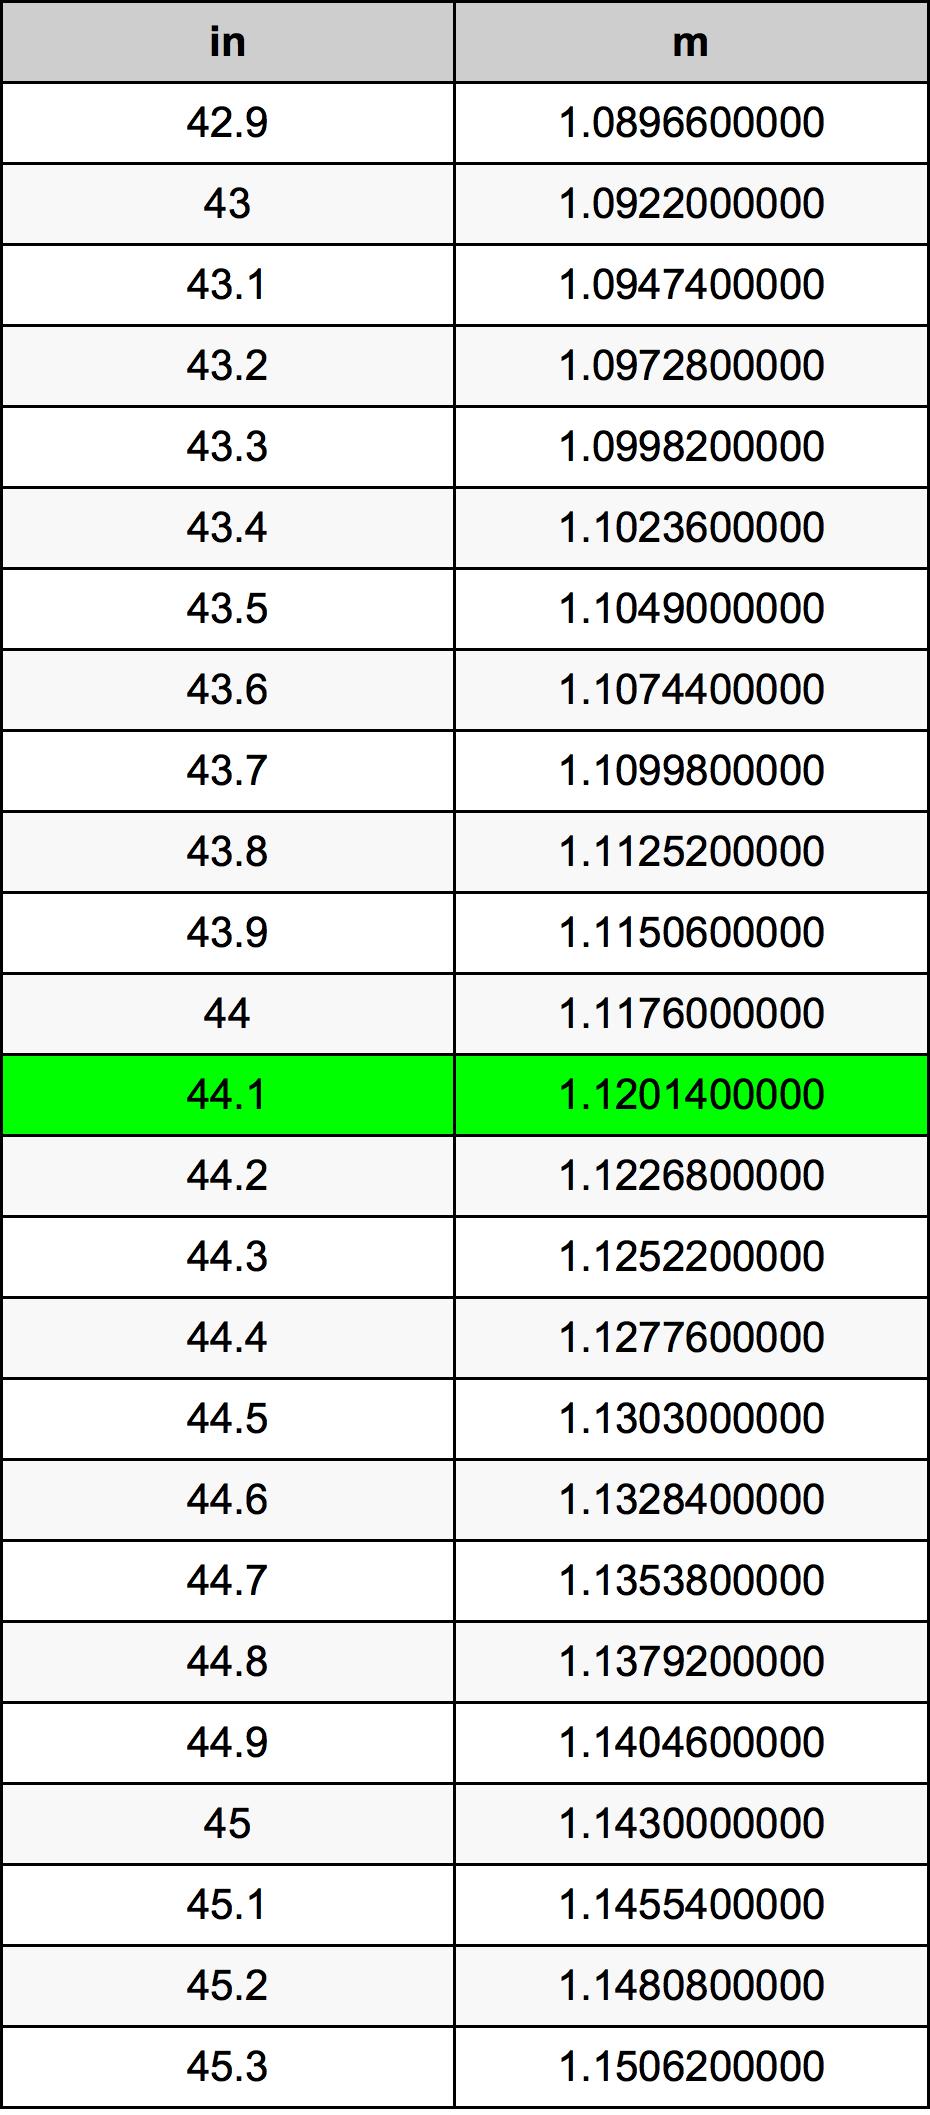 44.1 инч Таблица за преобразуване